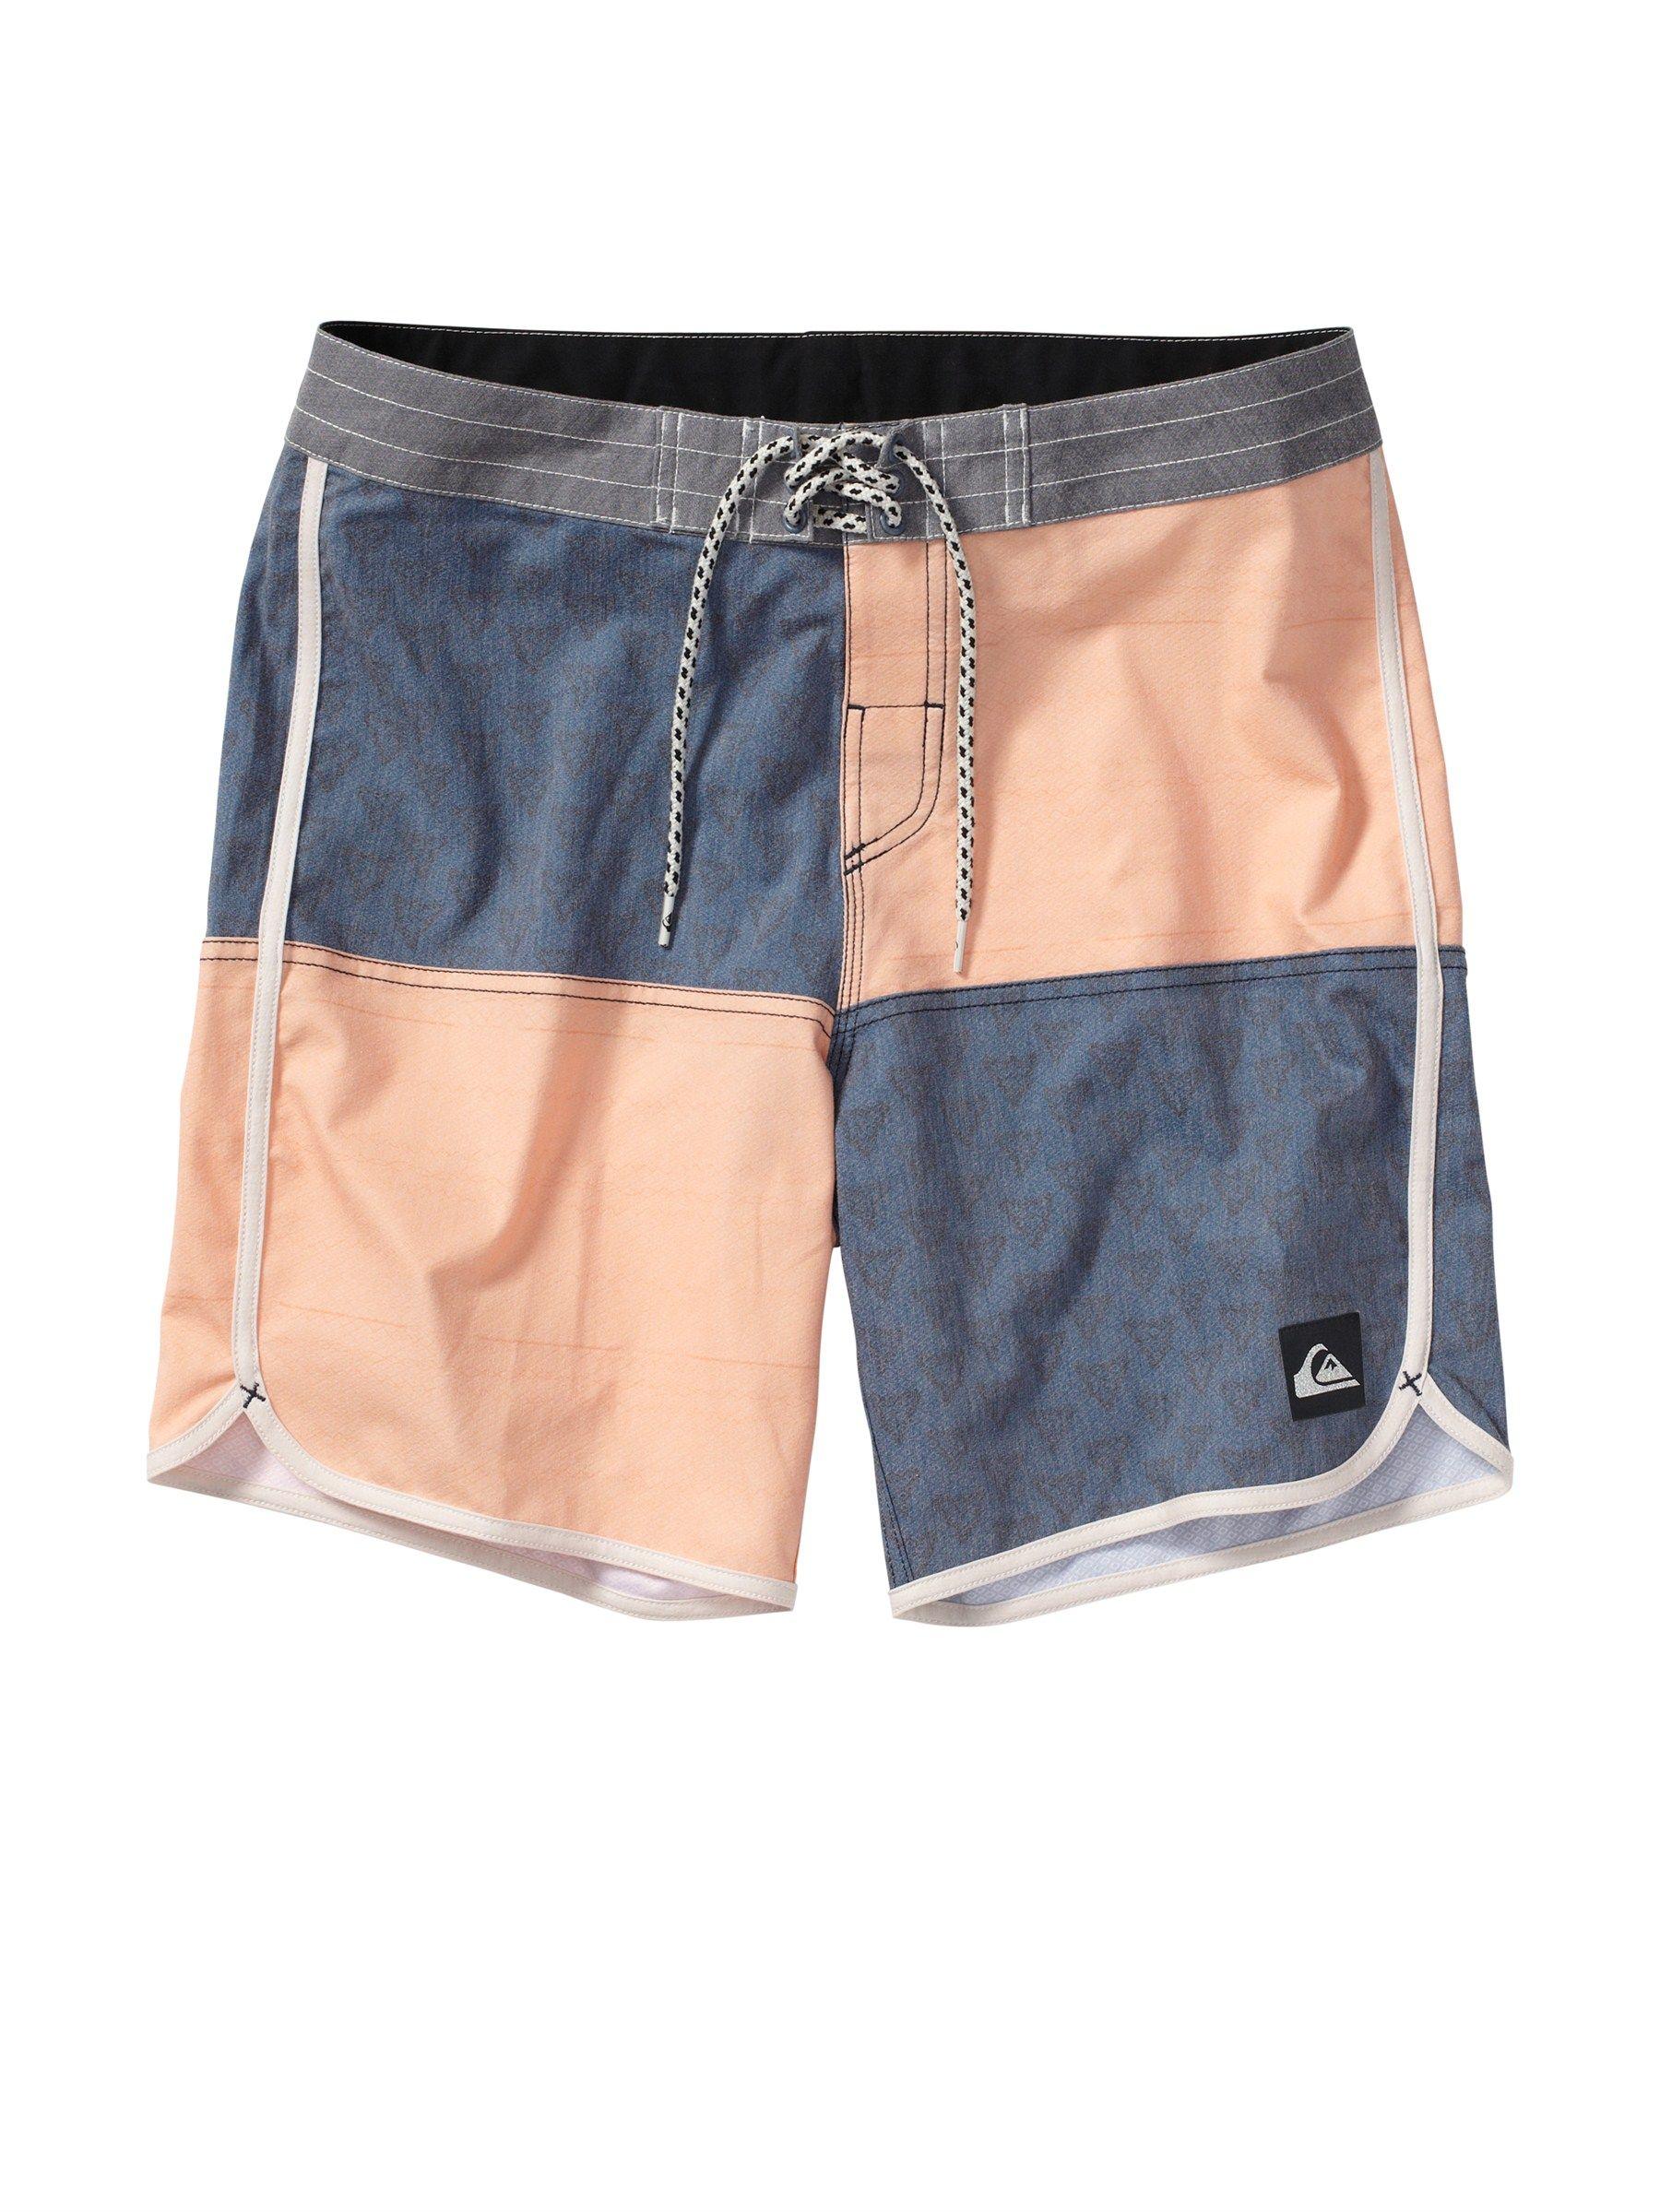 Swimwear Board Short Pinterest Boardshorts Quiksilver Boardshort Mens Original The Dane Reynolds